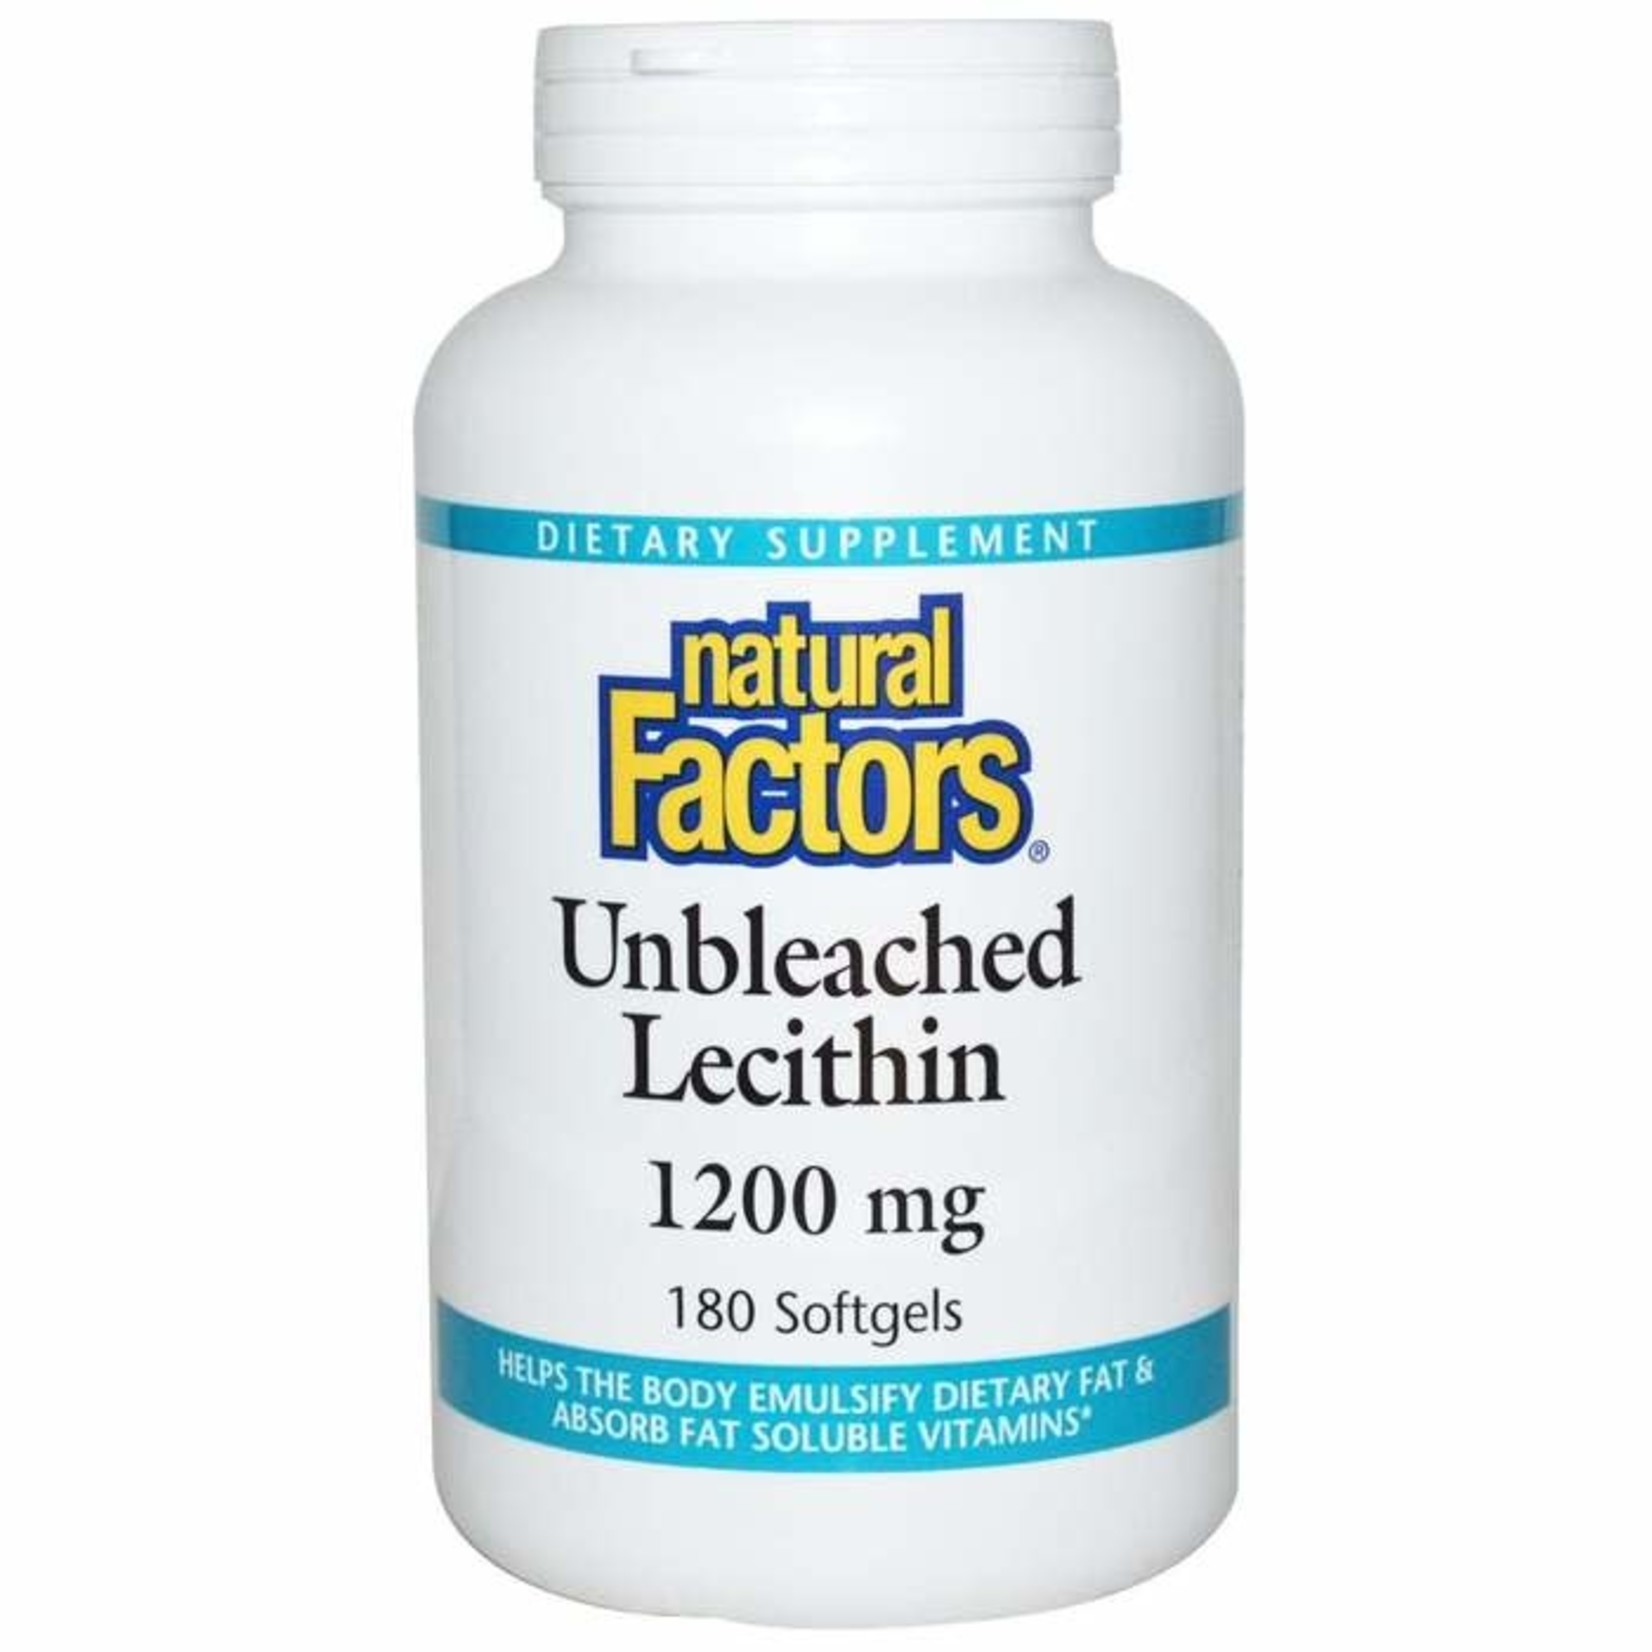 Natural Factors Natural Factors Unbleached Lecithin 180 softgels